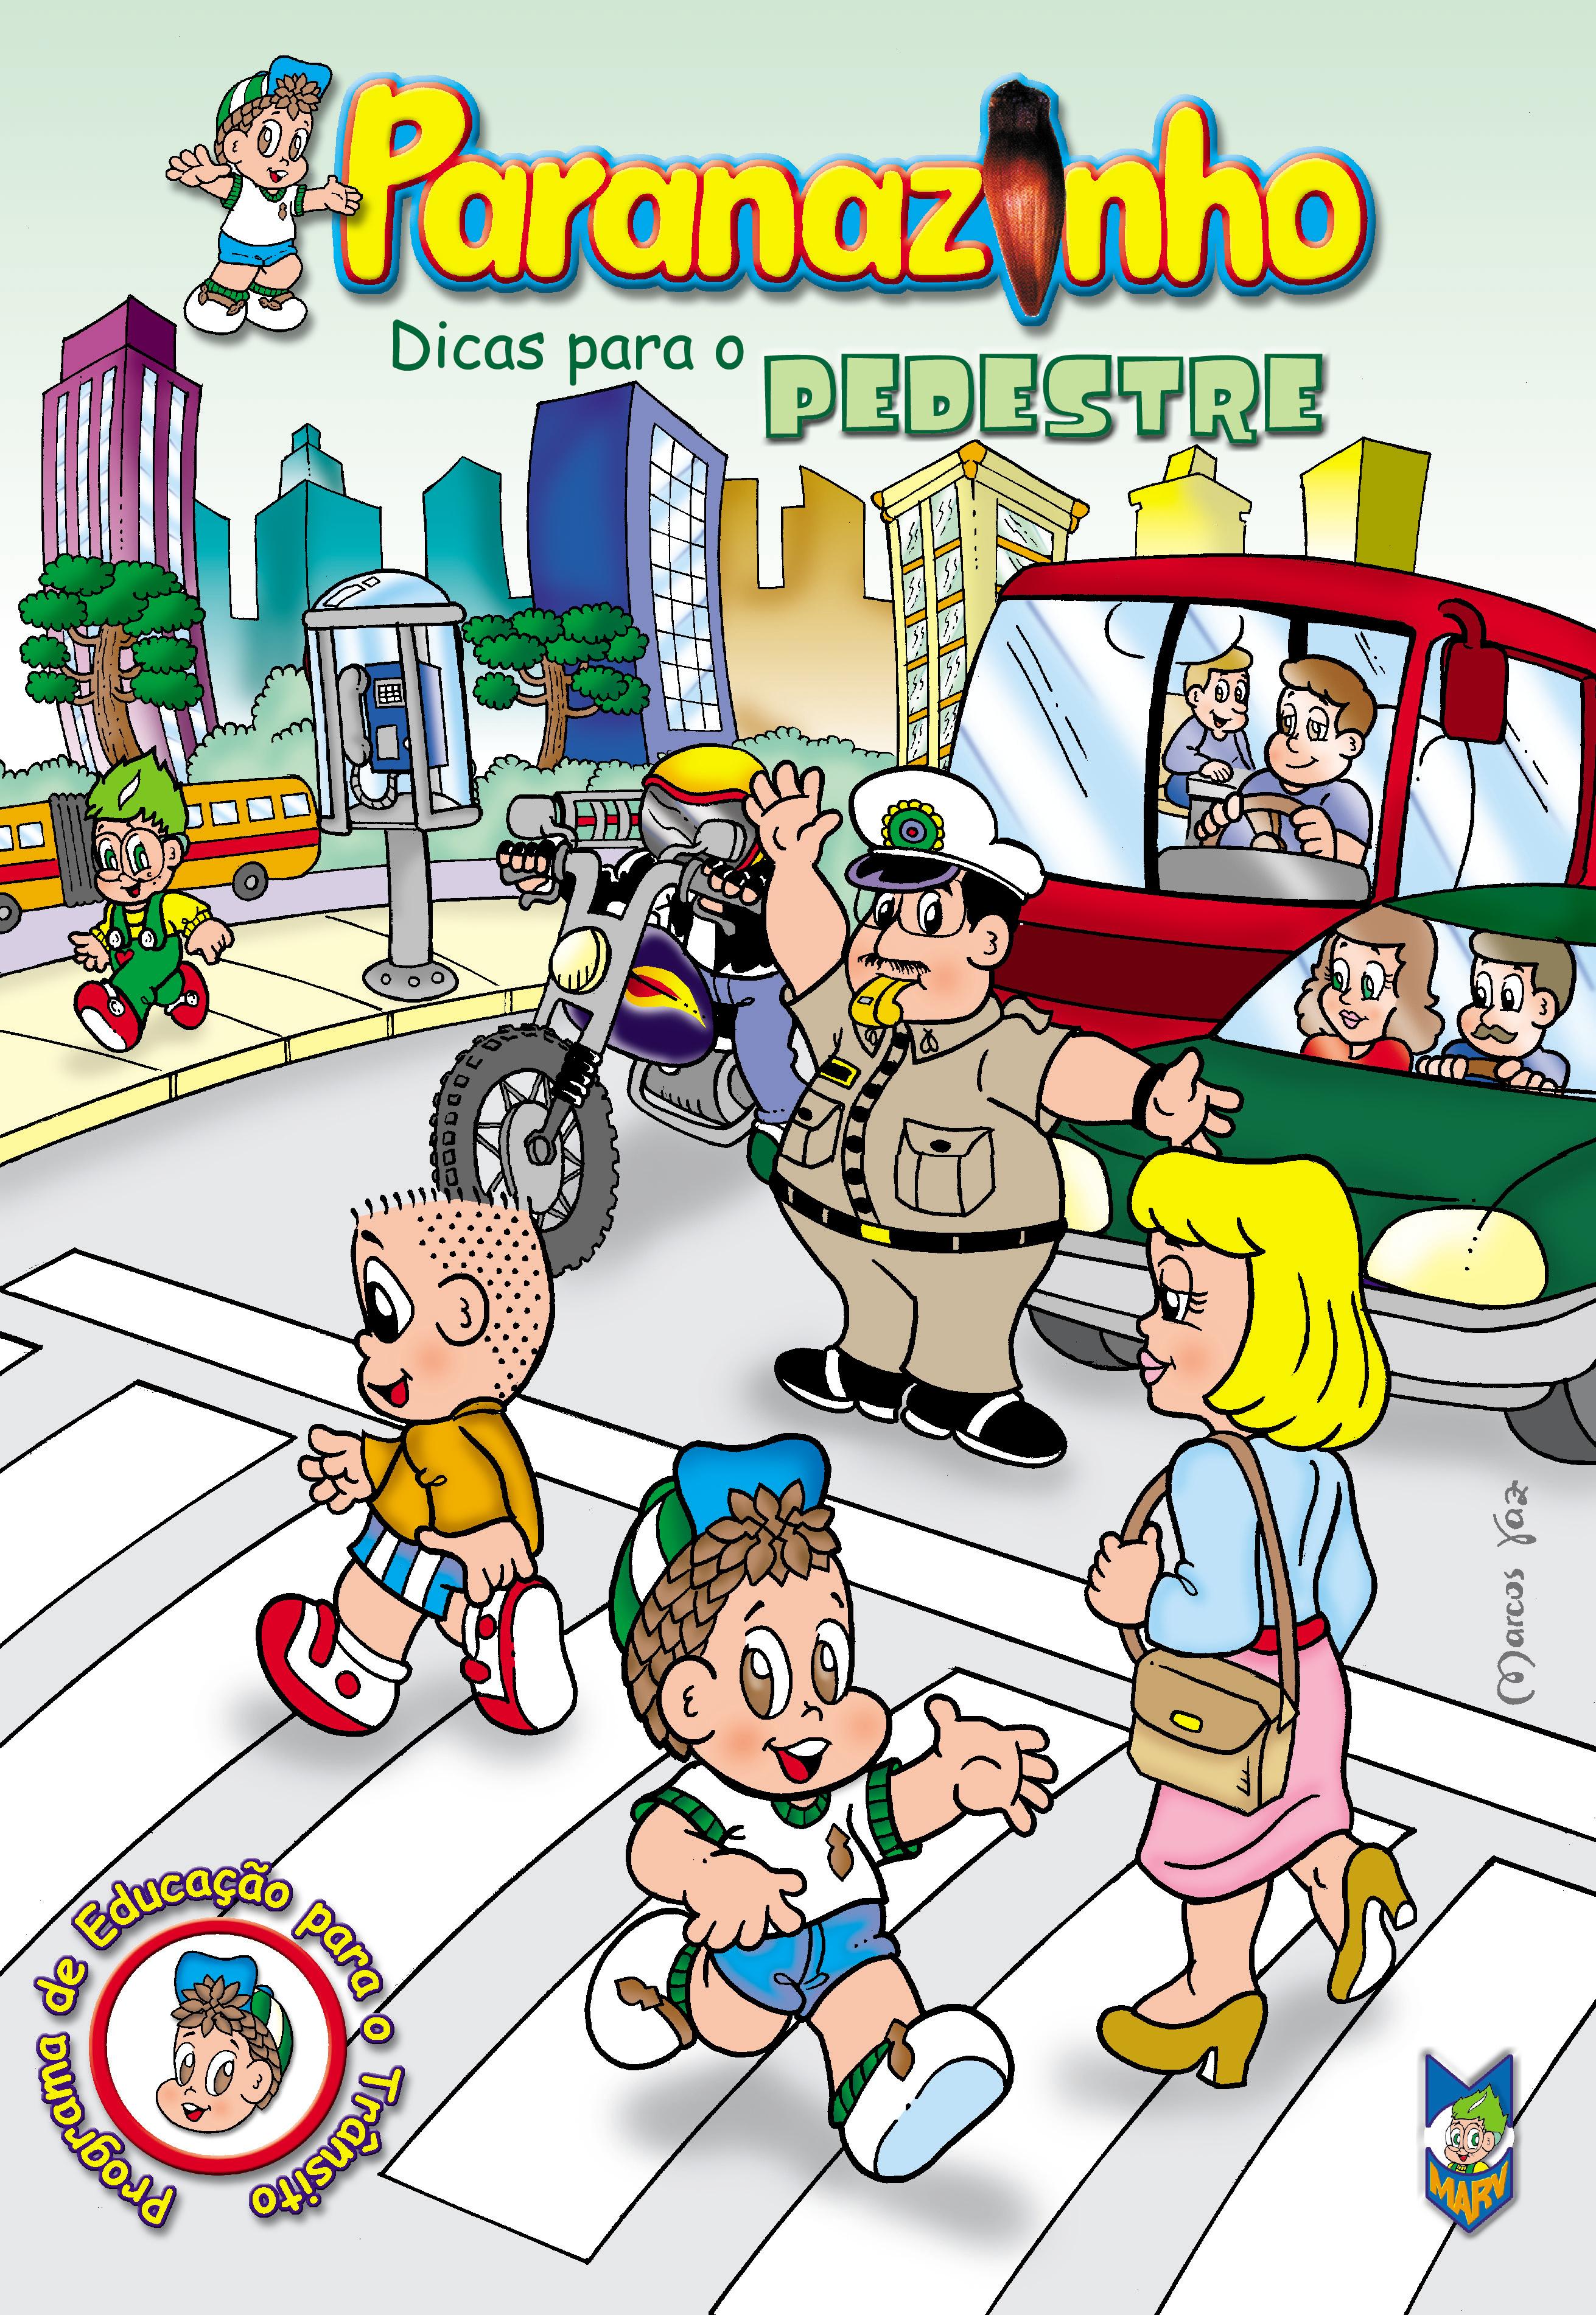 Paranazinho - Dicas para o Pedestre